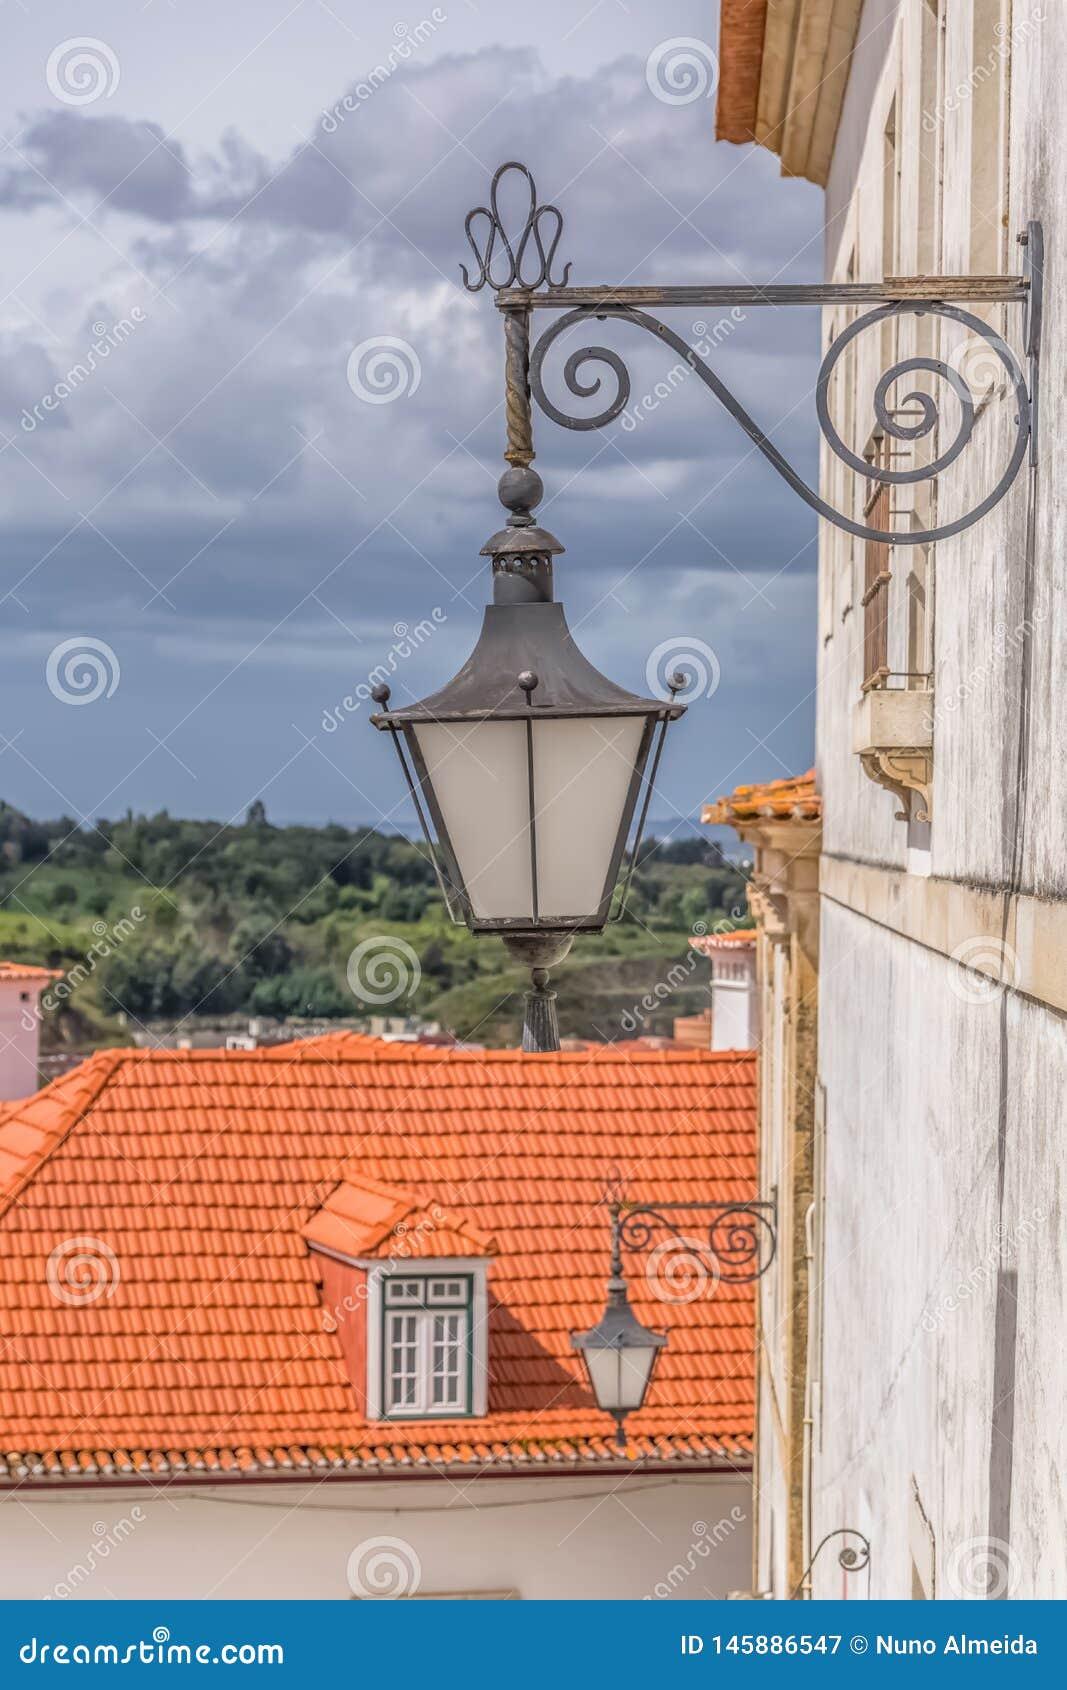 Коимбра/Португалия - 04 04 2019: Взгляд ретро общественного уличного фонаря, в улице города Коимбры, Португалия